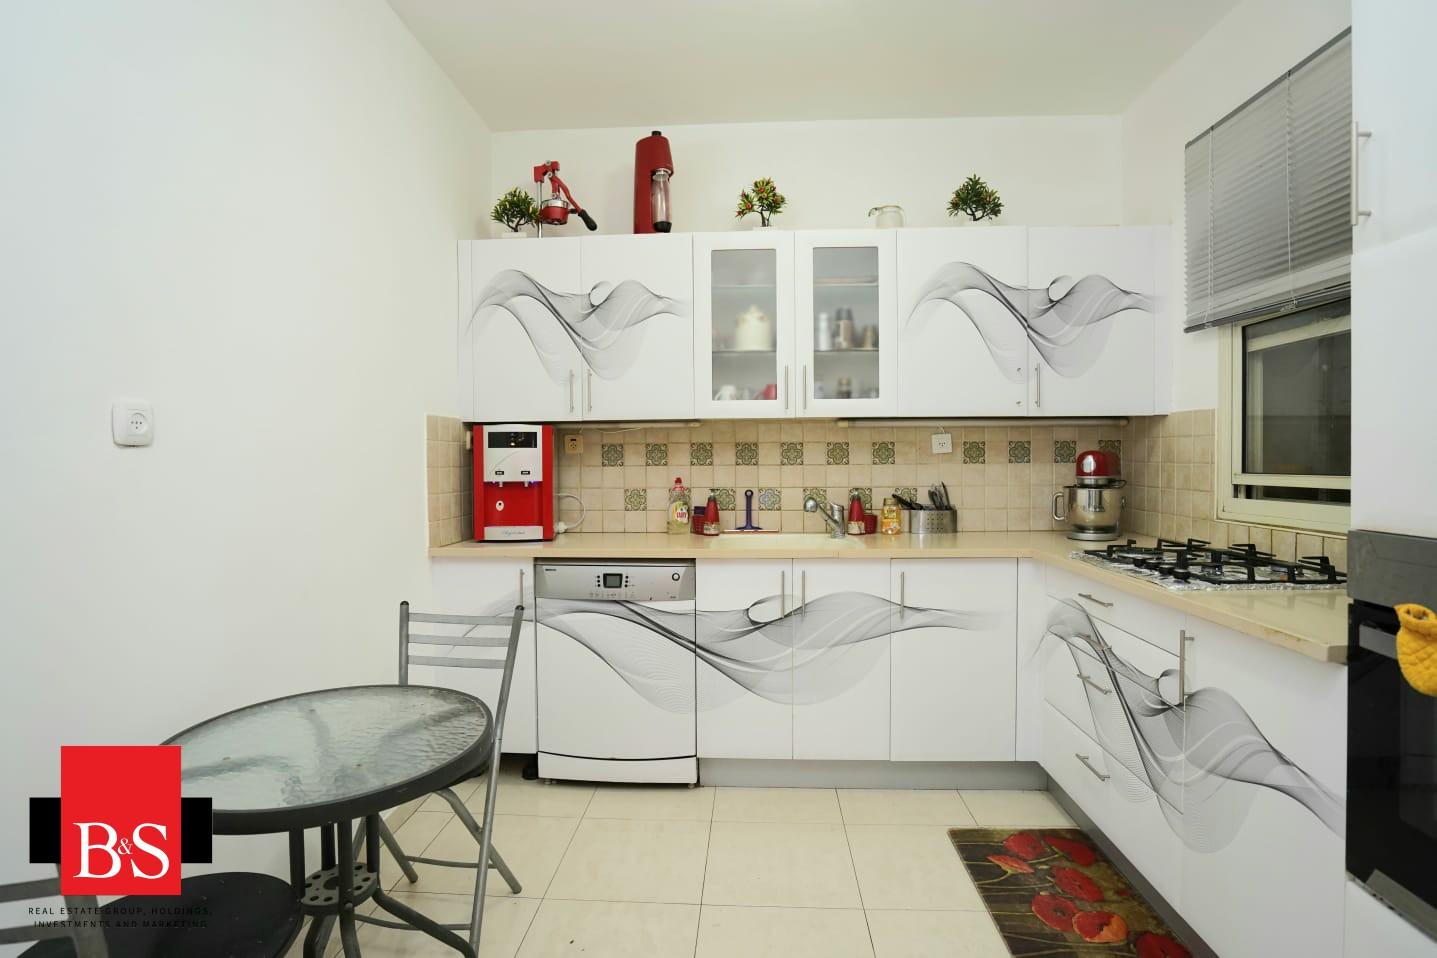 דירת 4 חדרים, רחוב ליבר 3, קרית השרון, נתניה